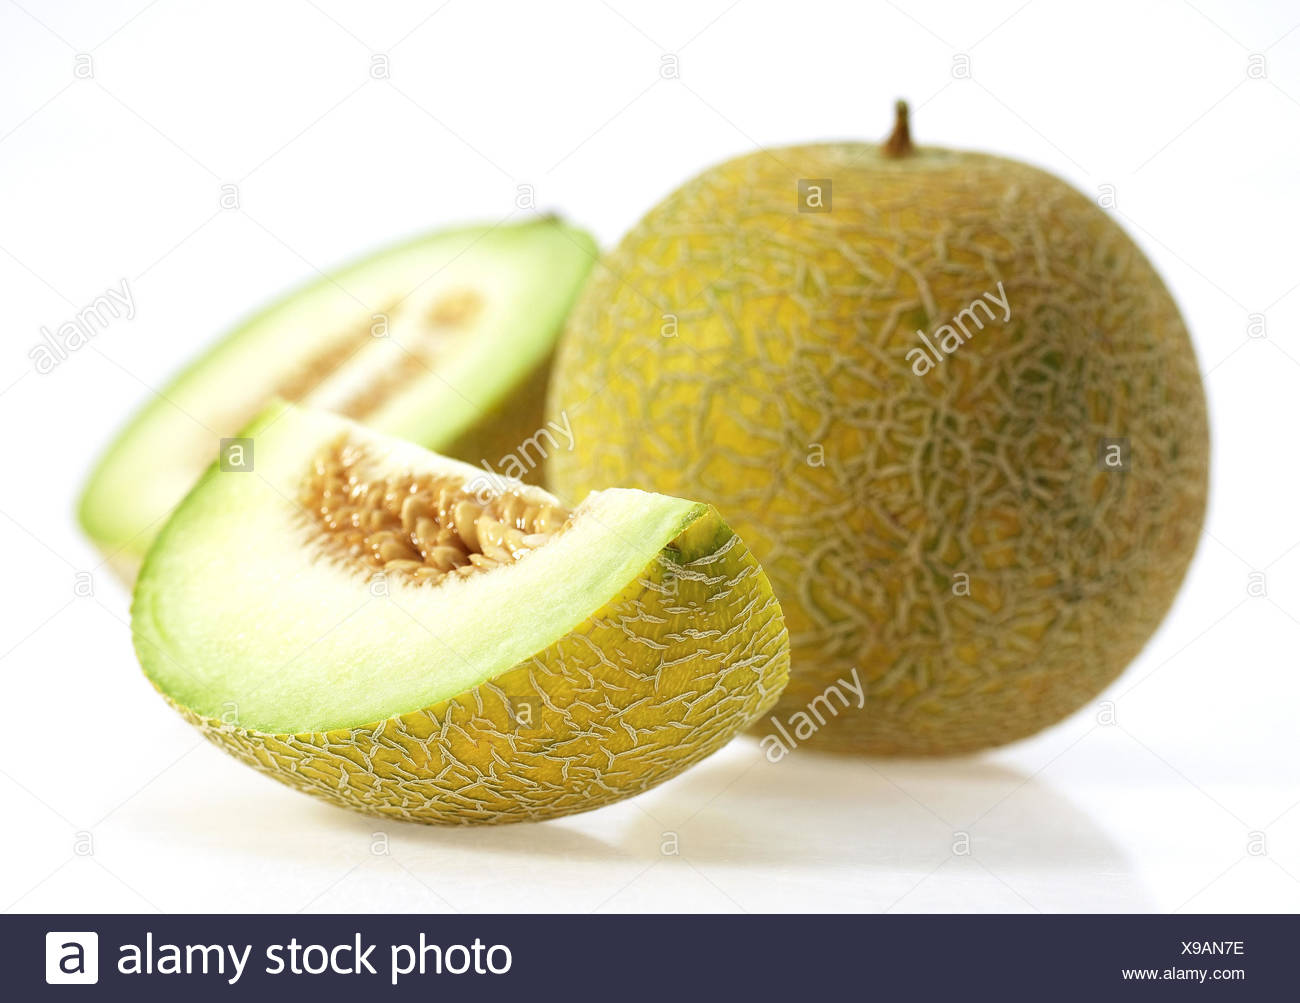 Melon canari jaune, jaune aussi melon de miel, Amarillo, Amarillo Tendral, sucre melon, Cucumis Melo, fond blanc, Photo Stock